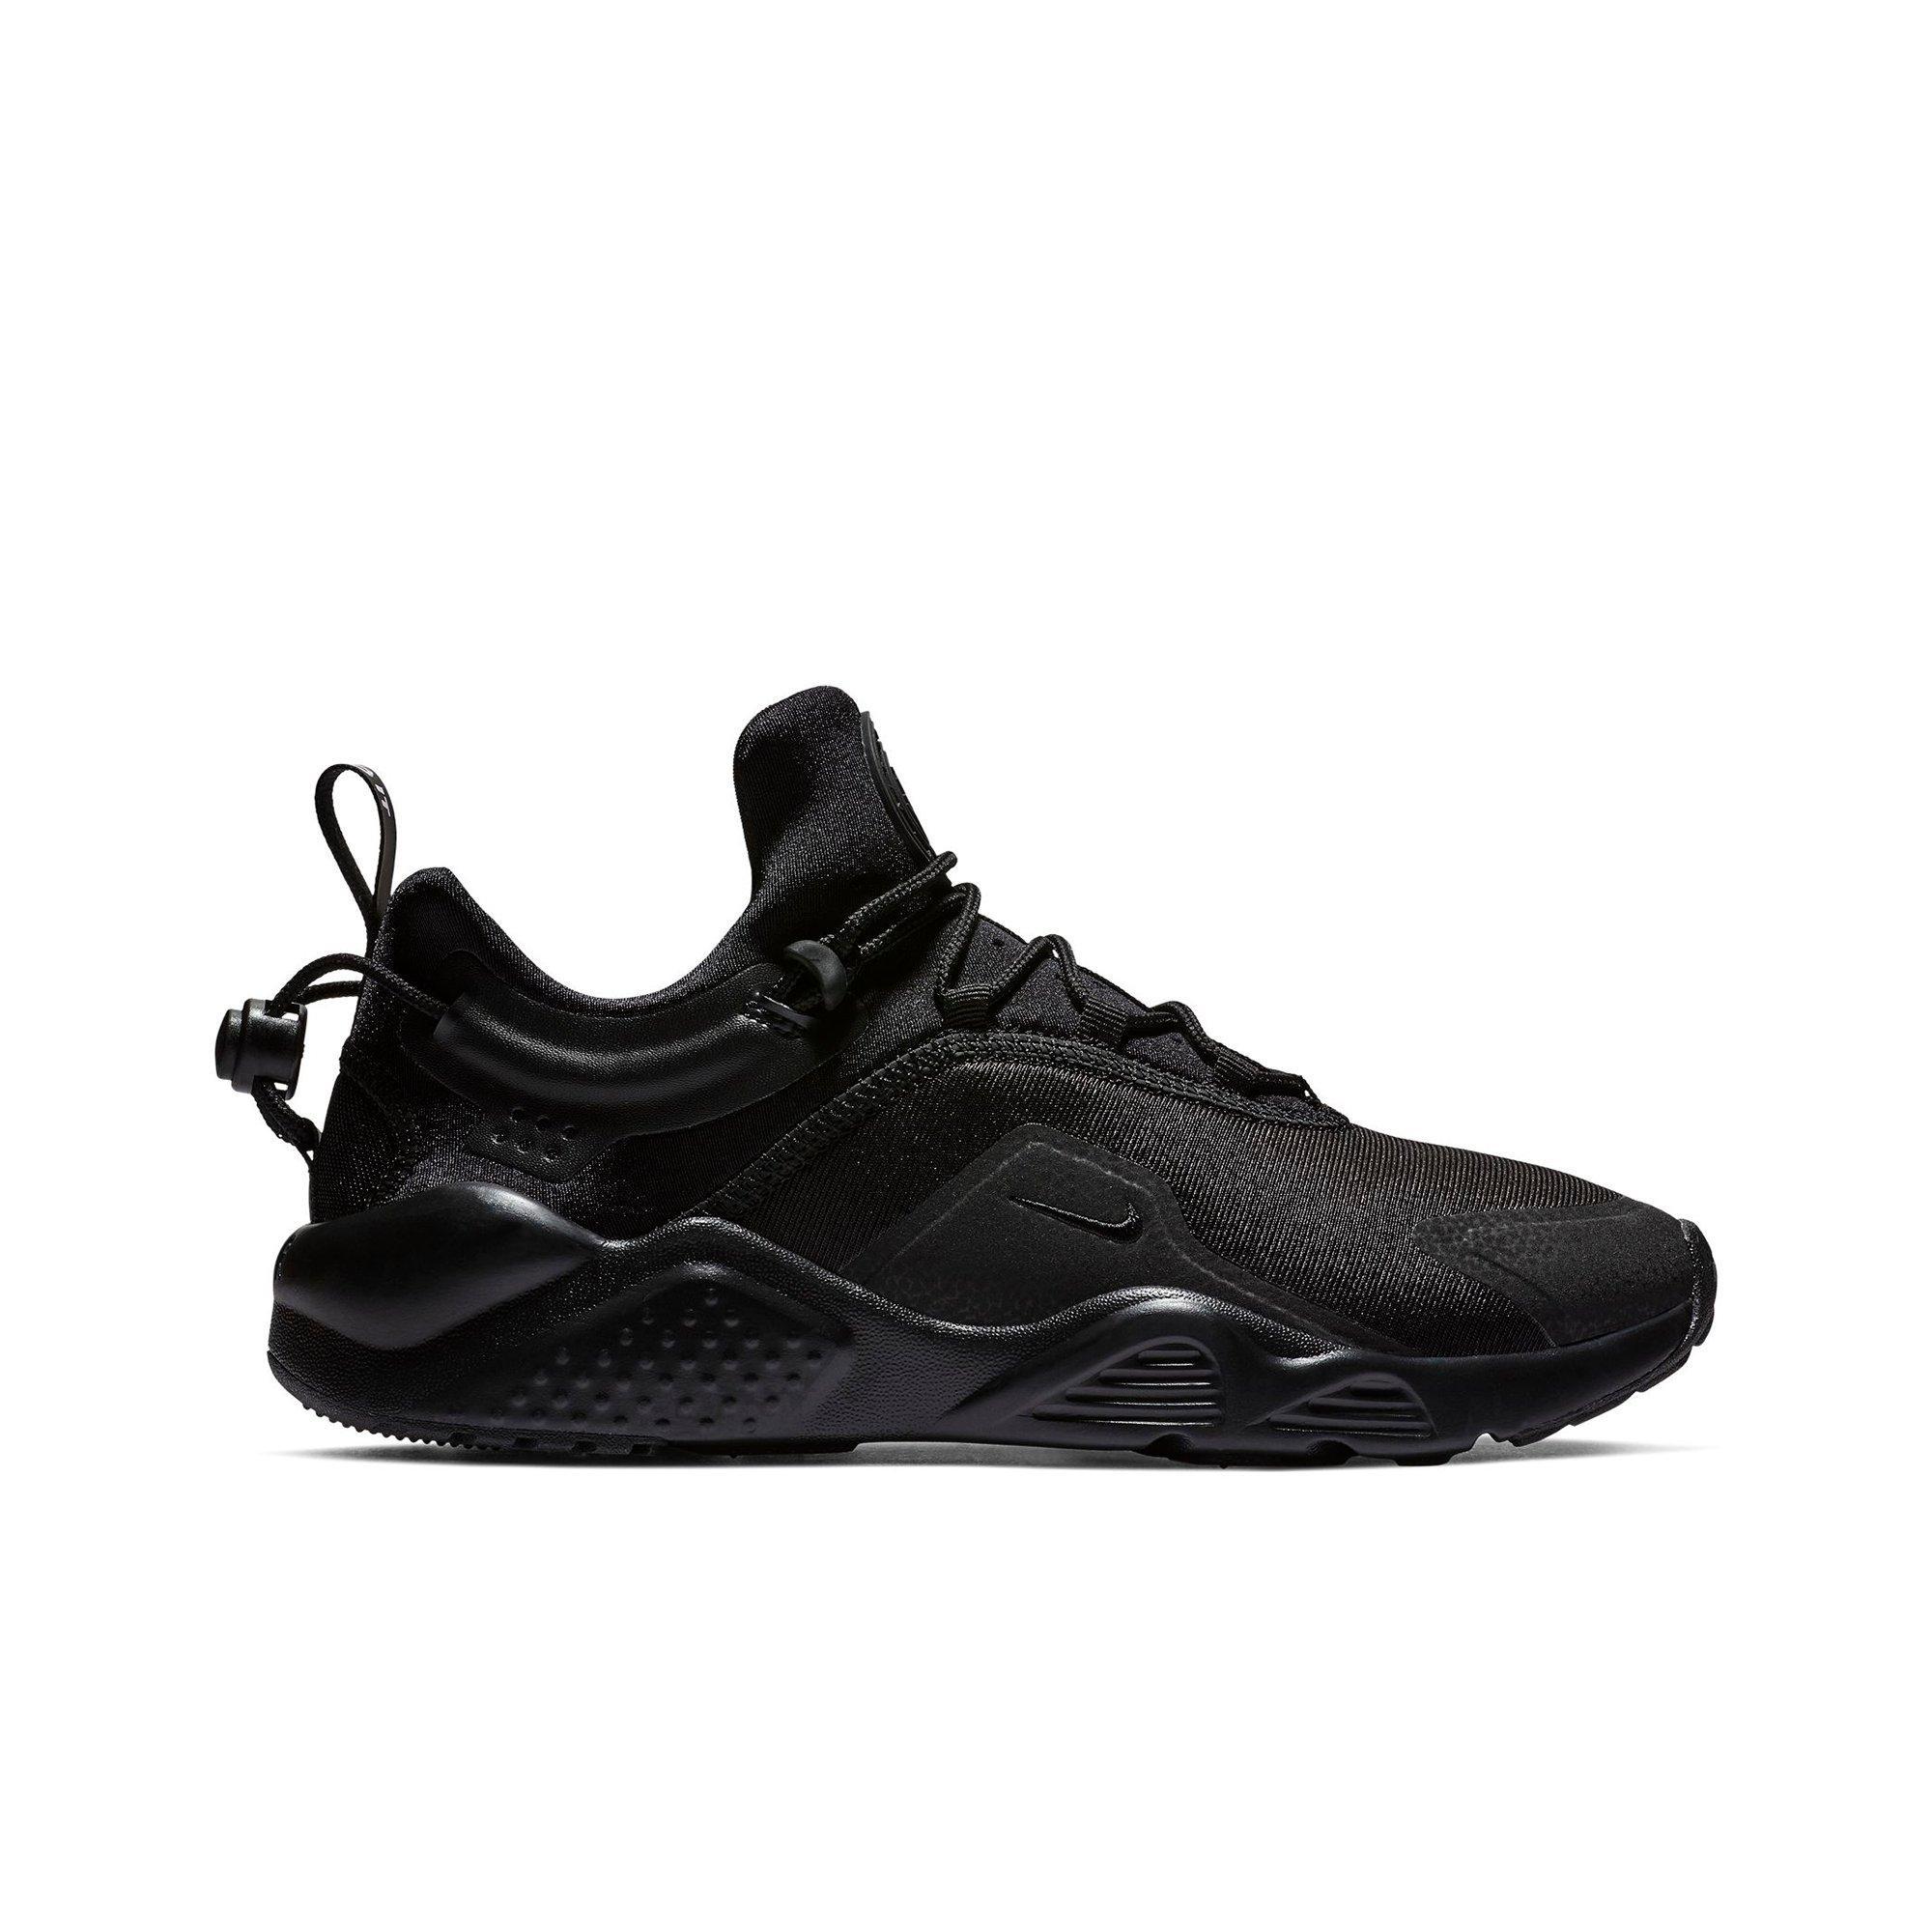 fcfce859730 roshe run black half colour Buy Nike Men s ...